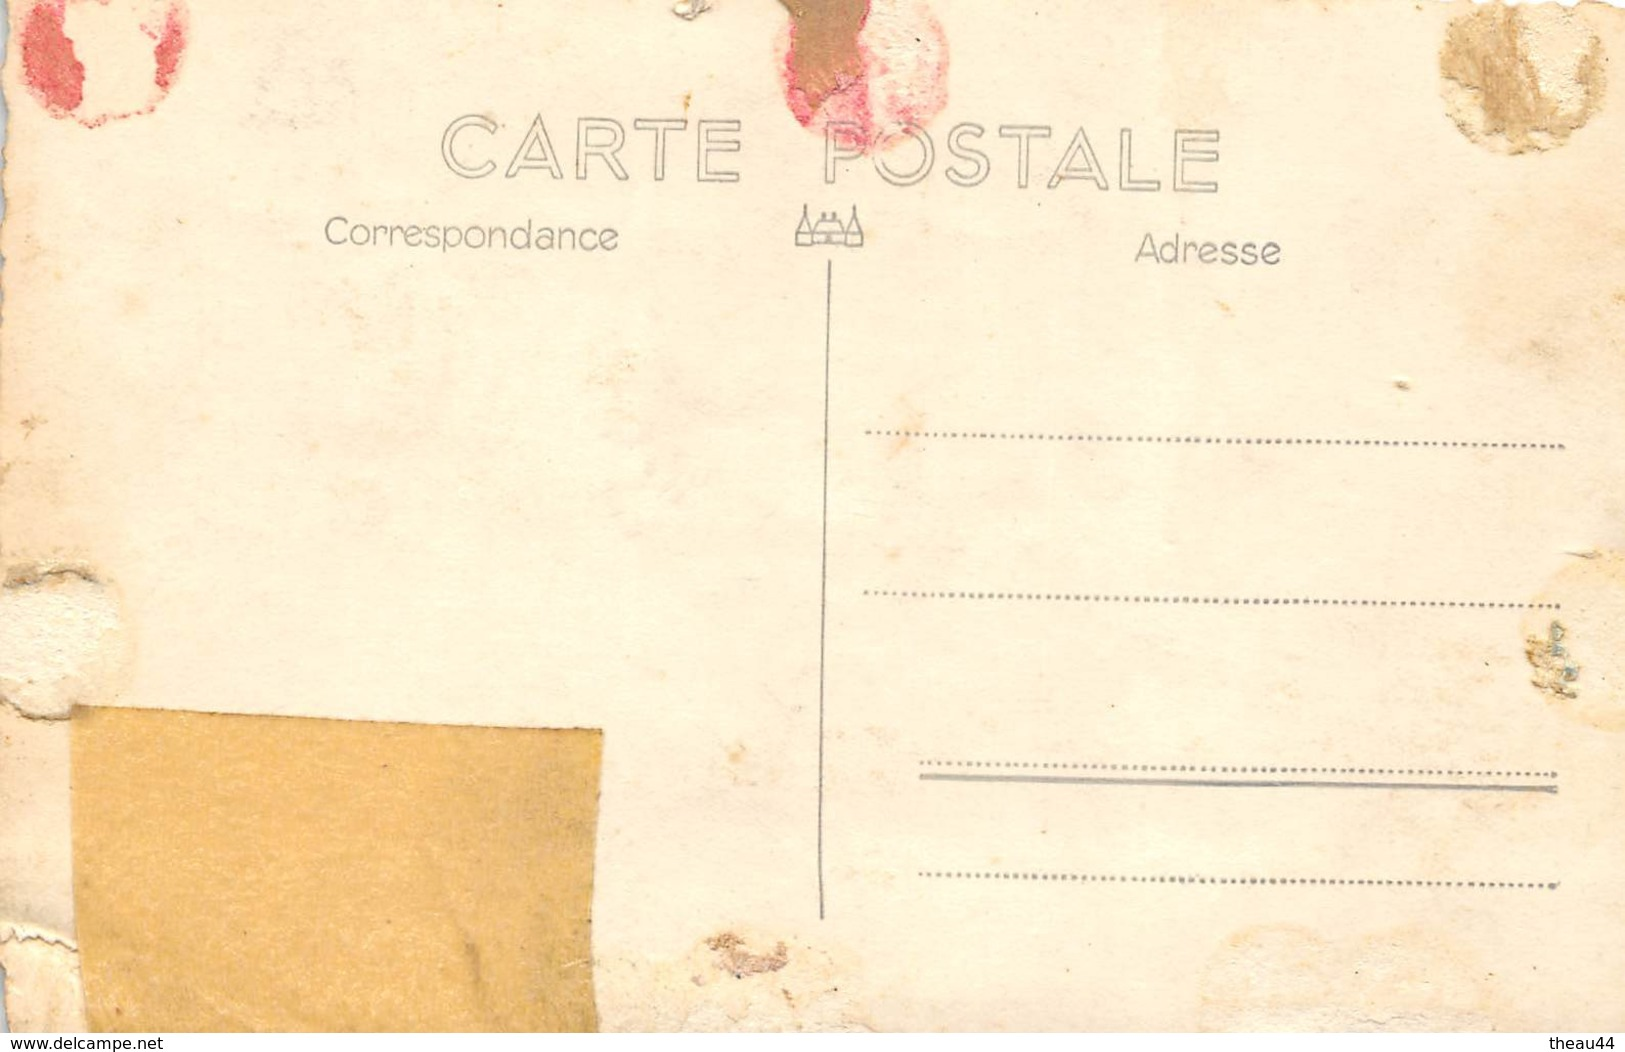 Carte-Photo Non Située D'un Tracteur Dans Une Coure De Ferme Dans Le Département De La Sarthe - Agriculture, Agriculteur - France